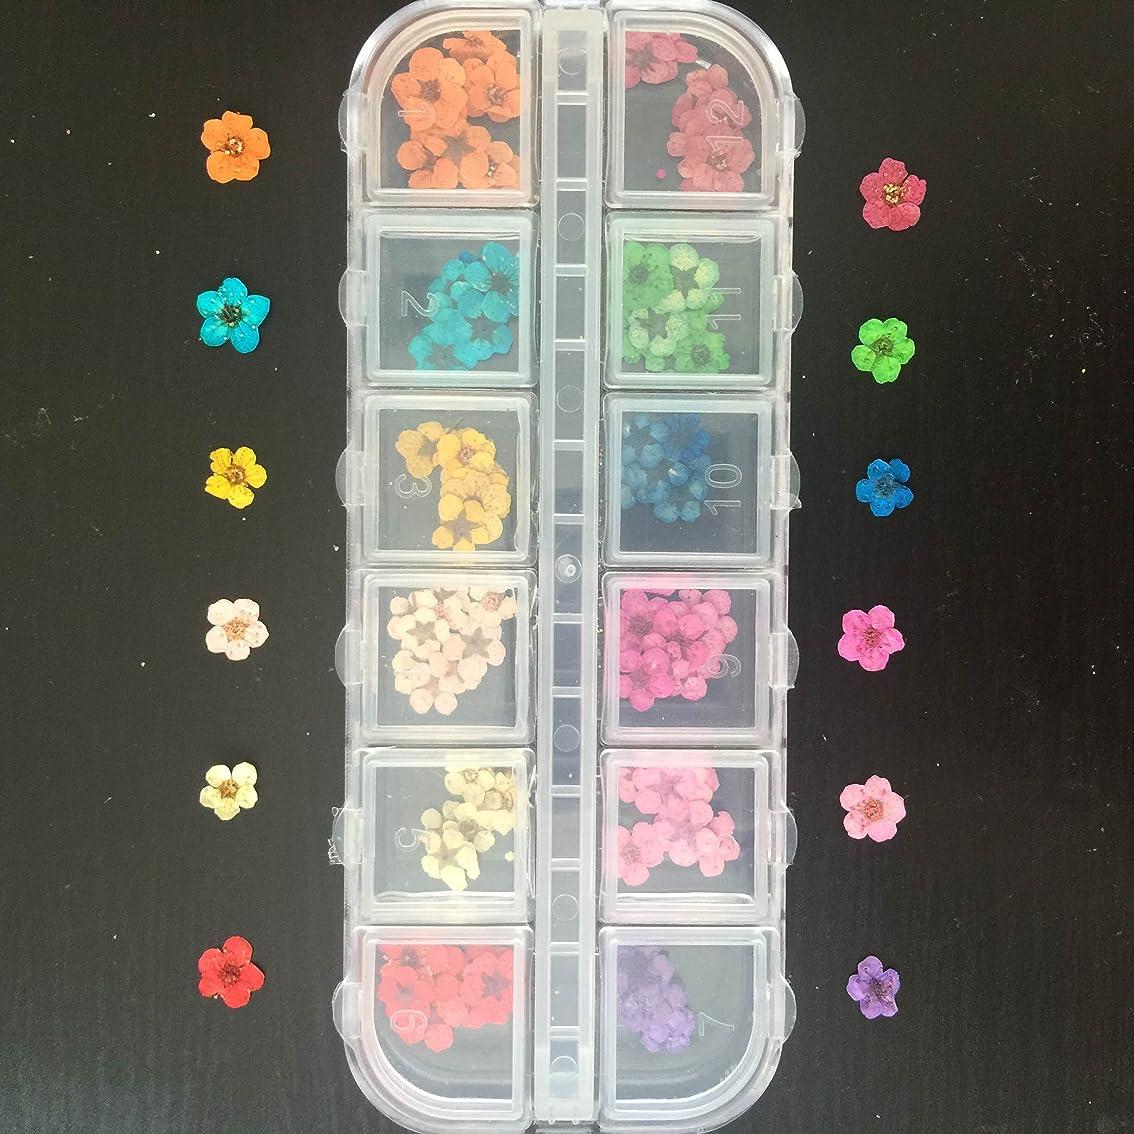 の量受け皿クリップドライフラワー上質押し花120枚ケース入 ネイル&レジンアート用12色×各10枚